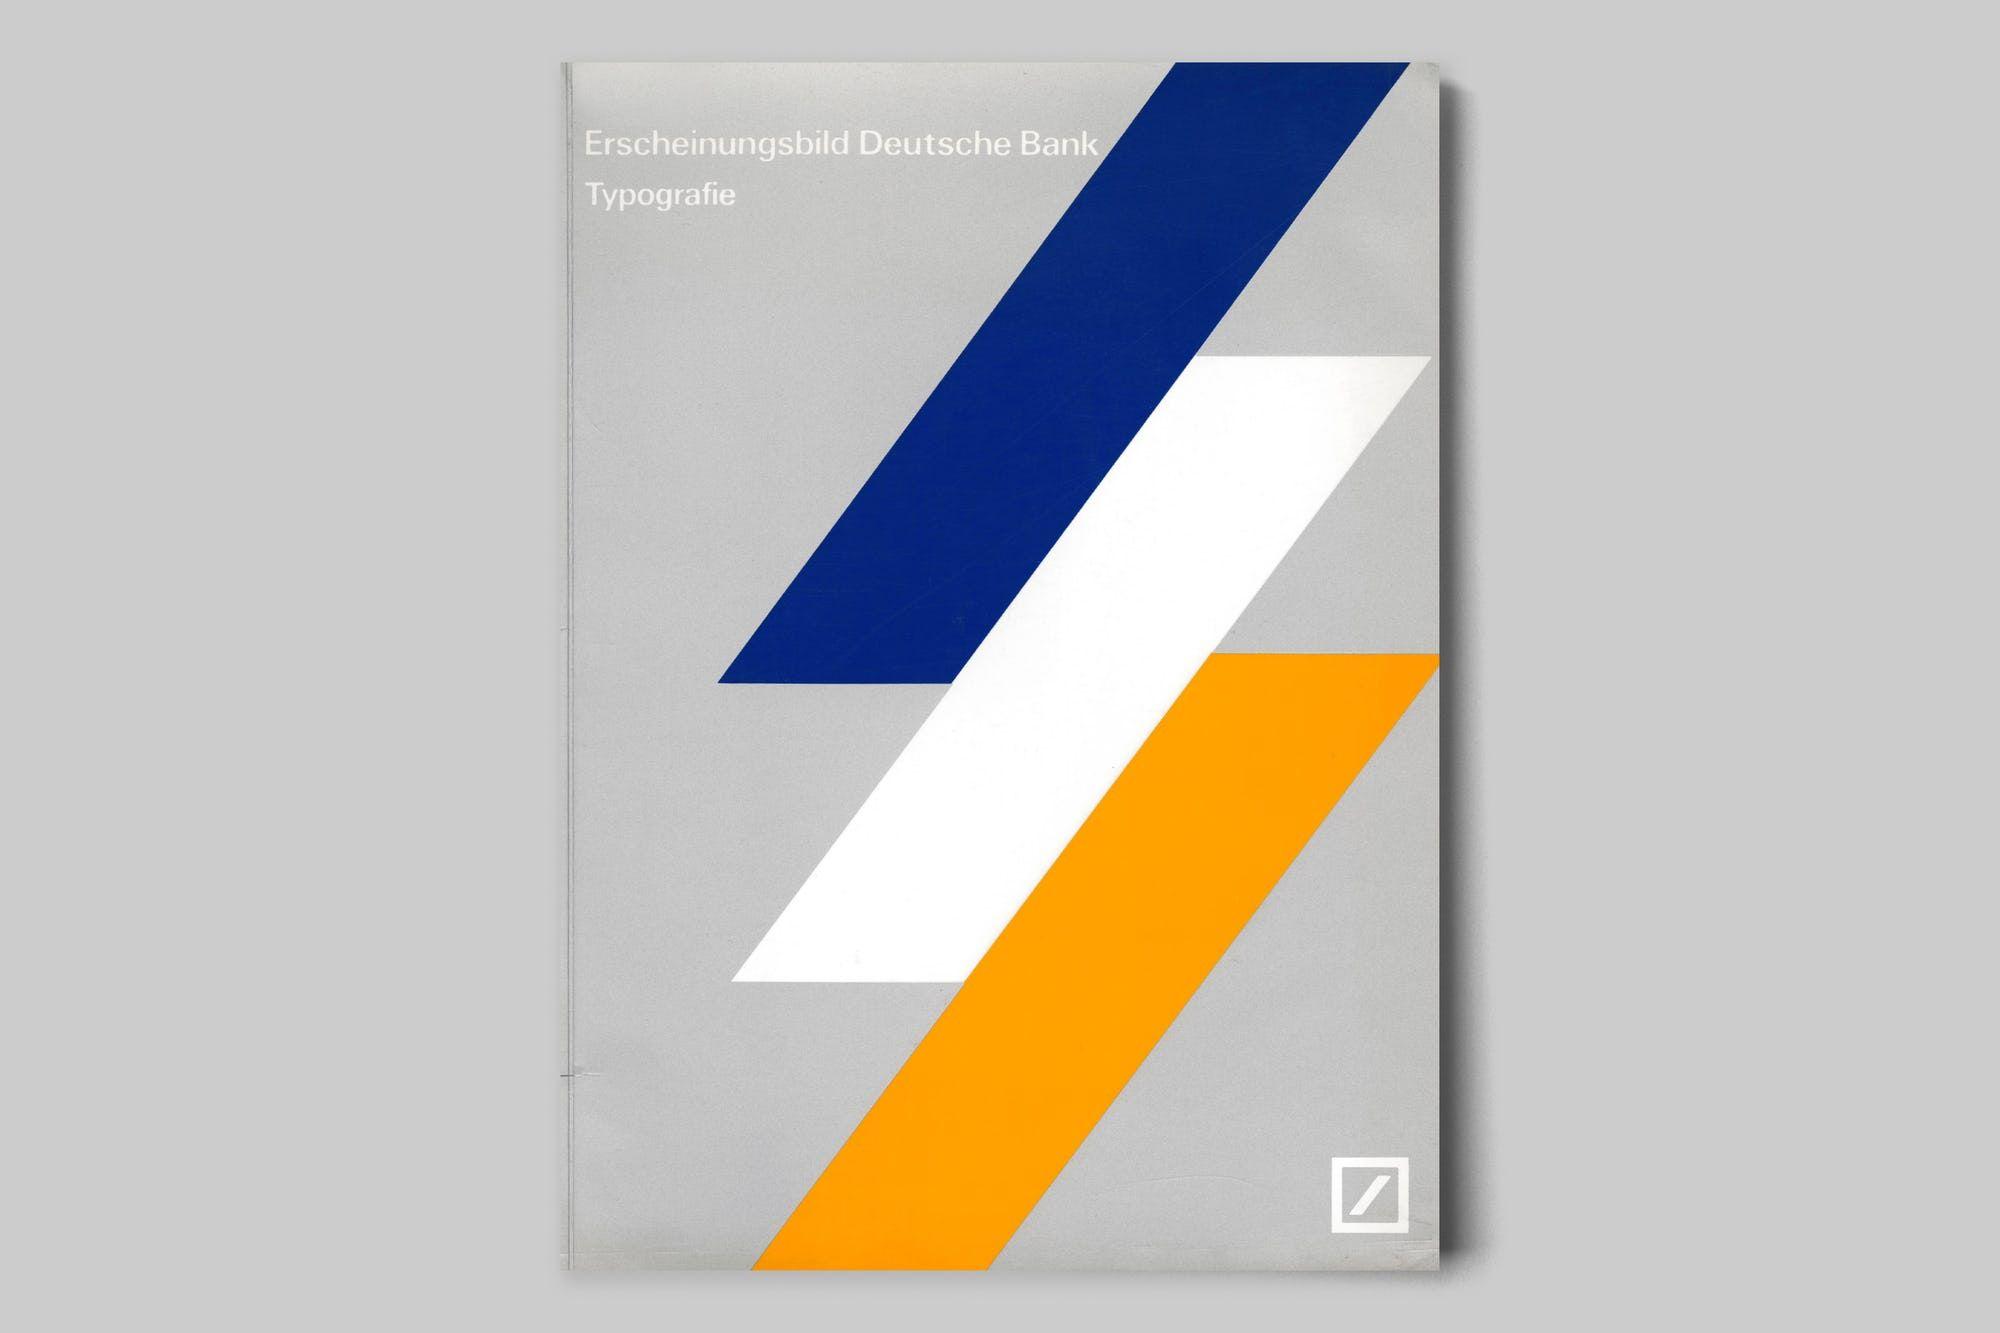 """Presented here is the """"Erscheinungsbild Deutsche Bank"""